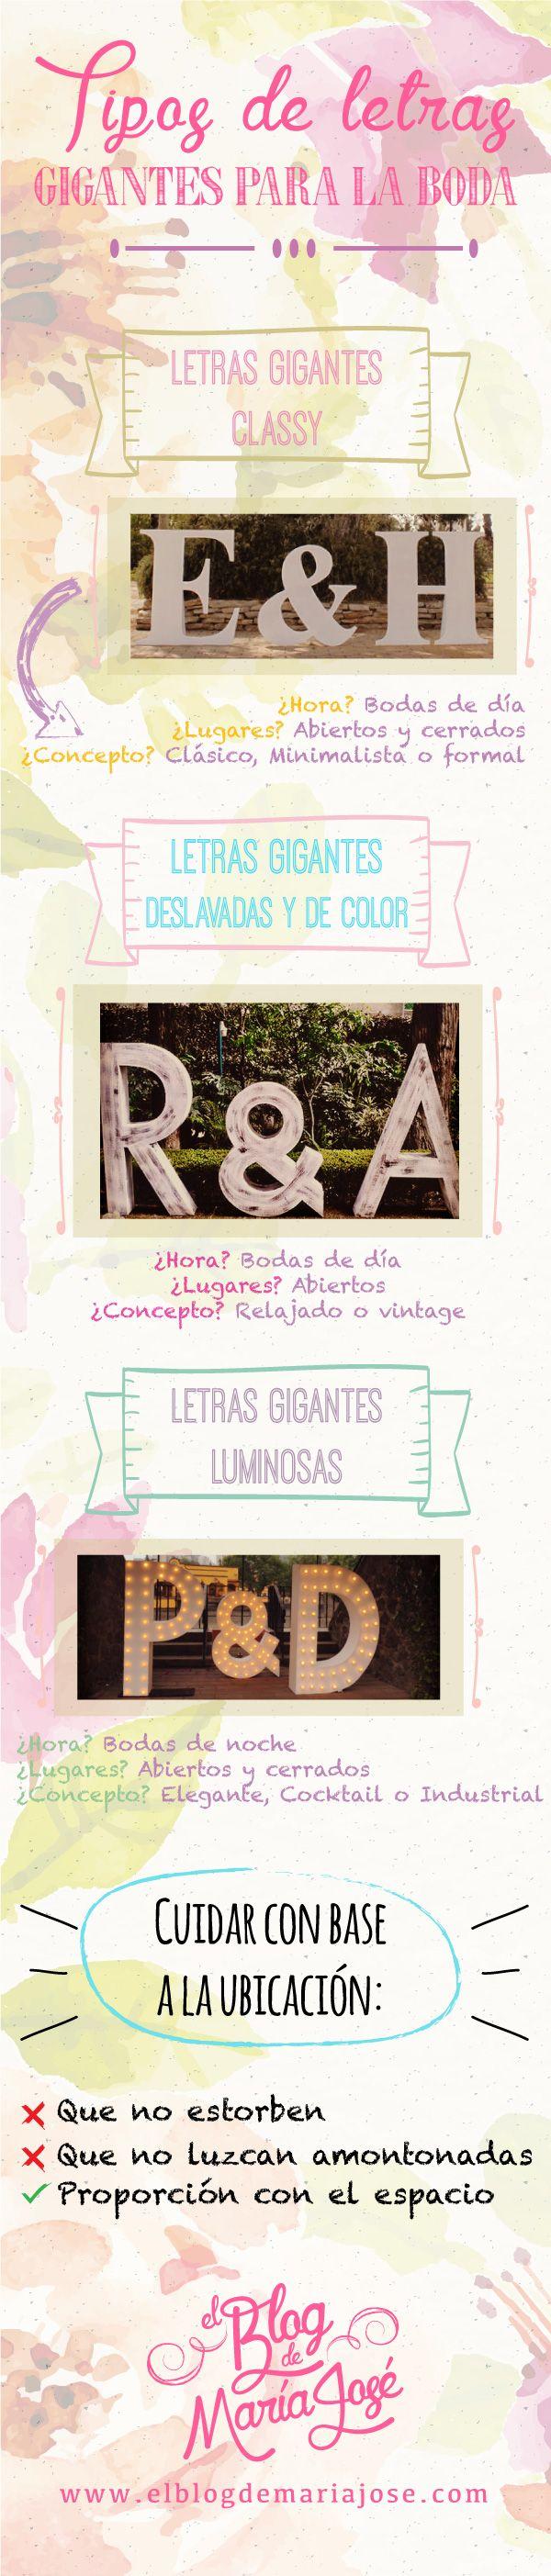 Tipos de letras gigantes para la boda #bodas #ElBlogdeMaríaJosé #LetrasGigantes #TendenciasBoda